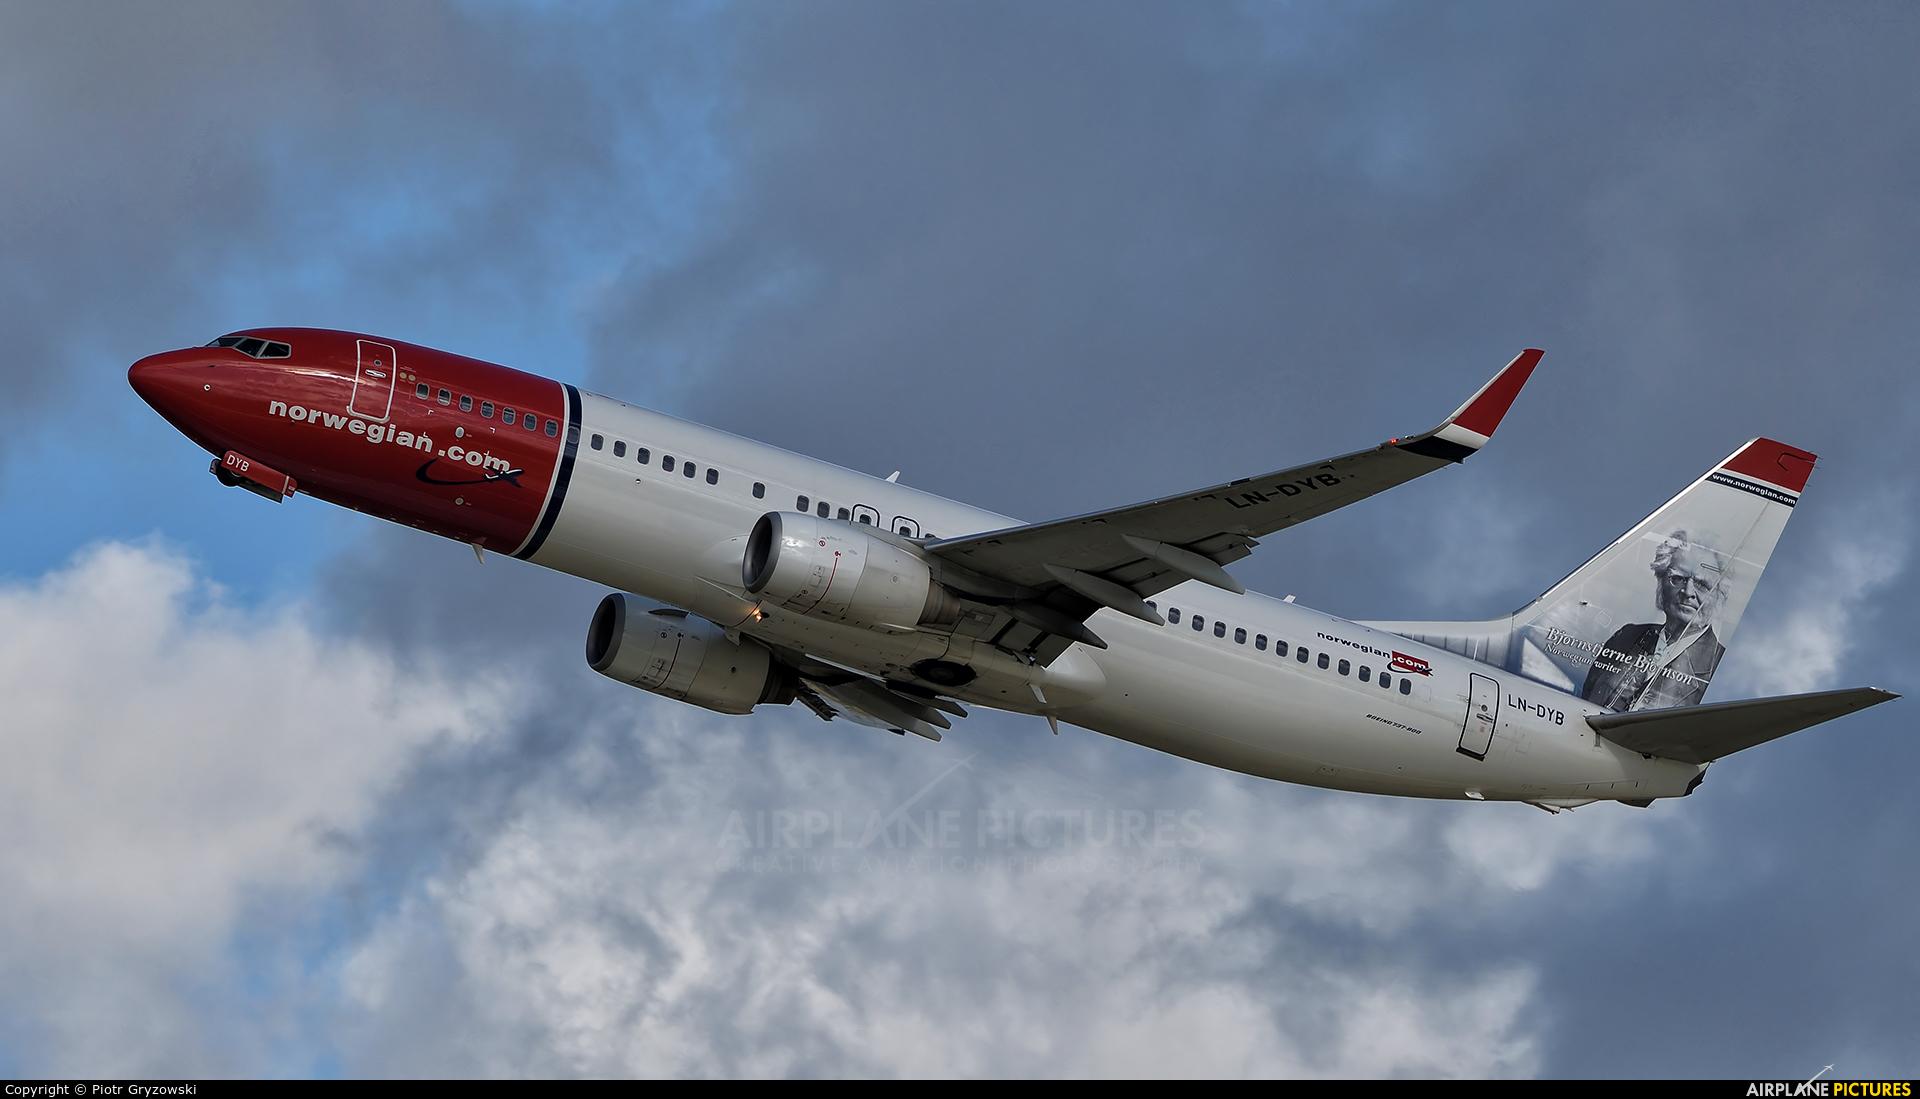 Norwegian Air Shuttle LN-DYB aircraft at Kraków - John Paul II Intl